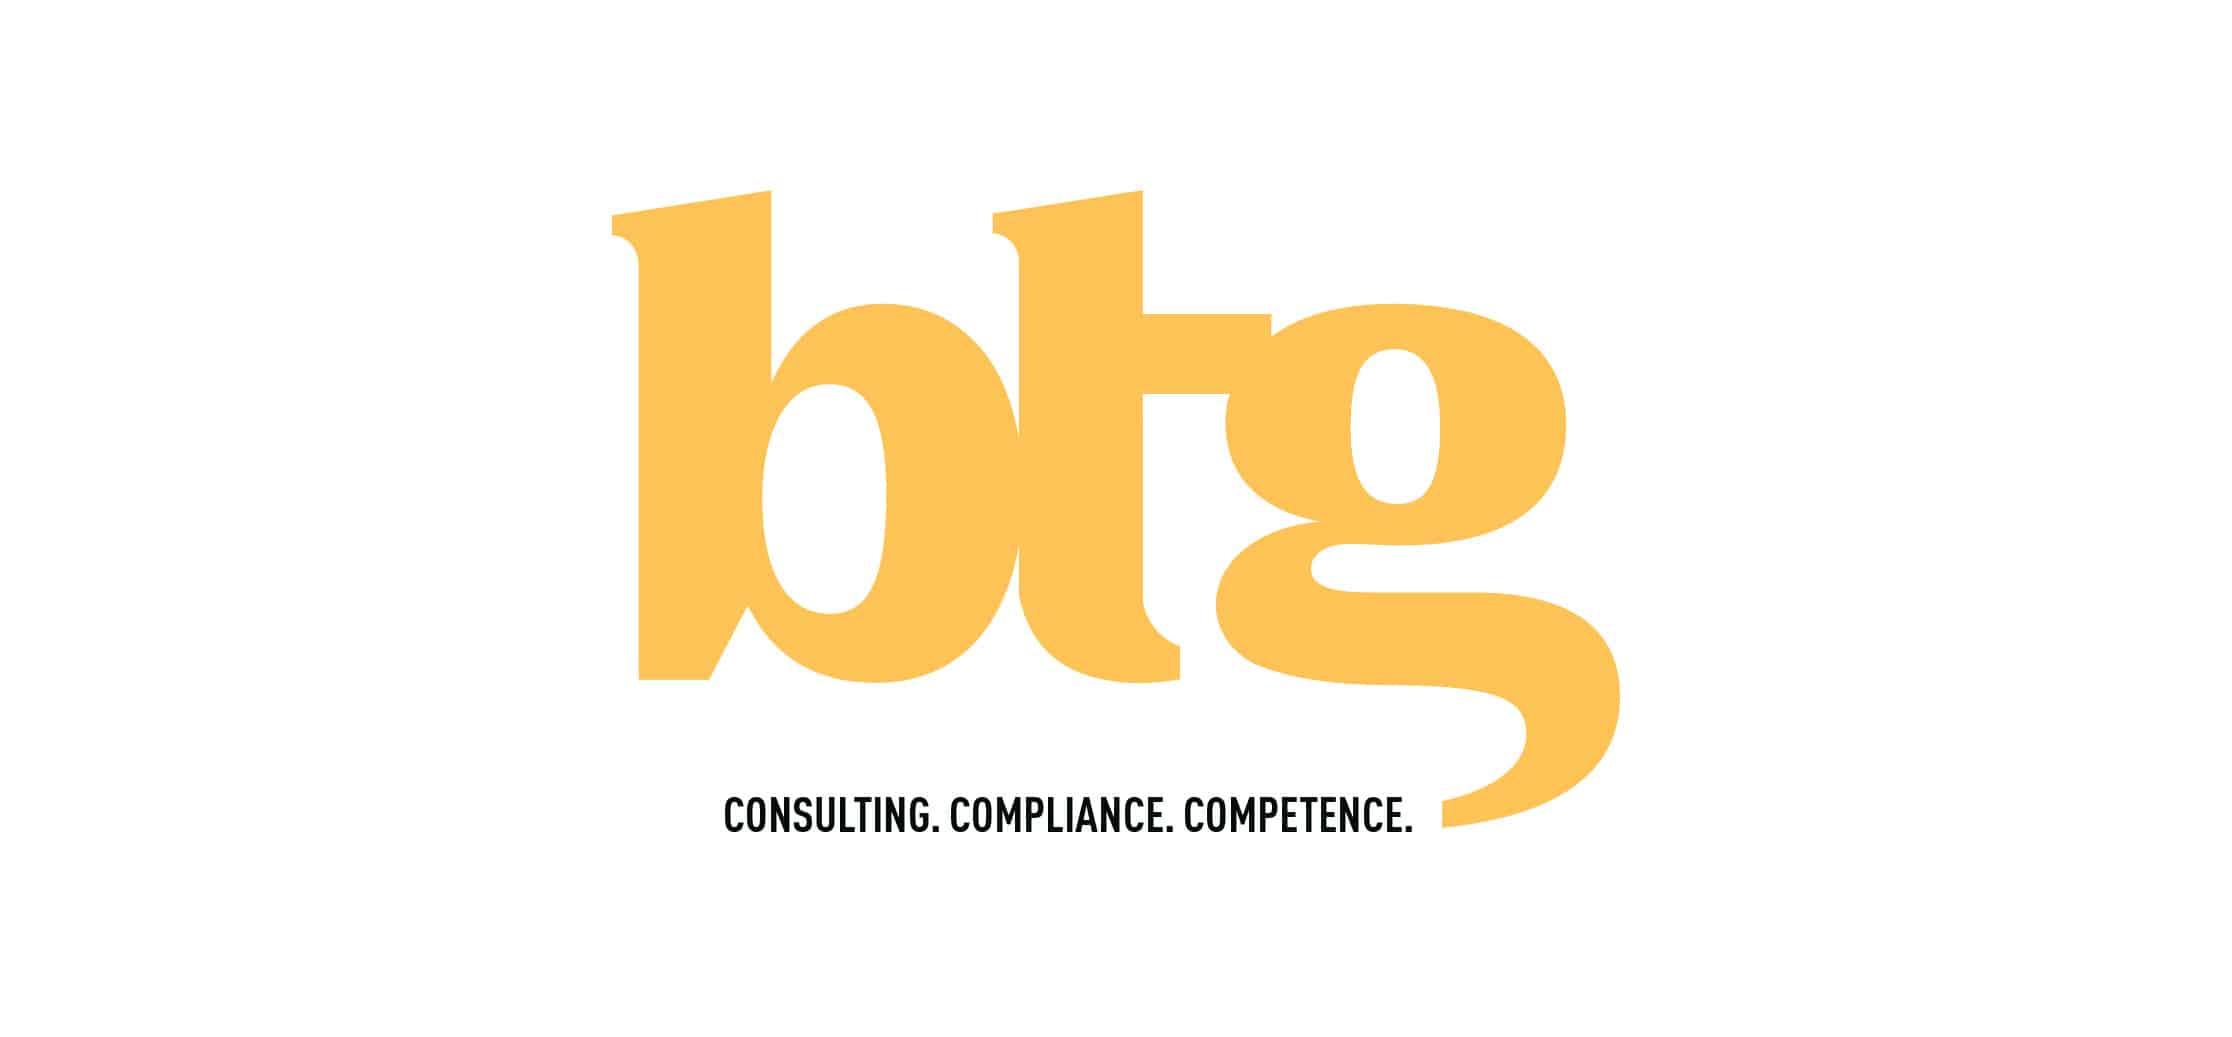 btg-logo-fullwidth